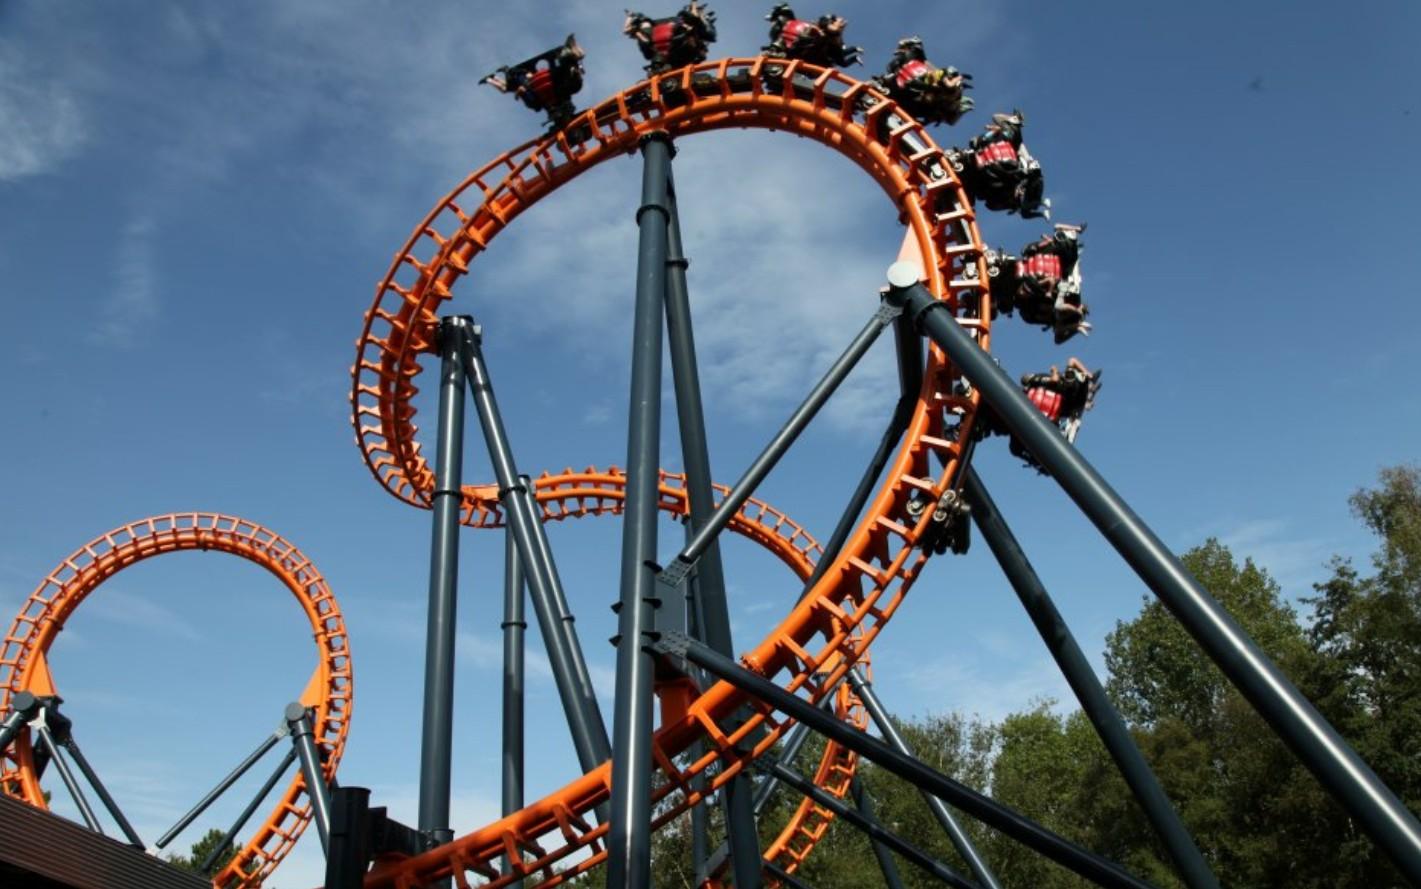 parc attraction bagatelle